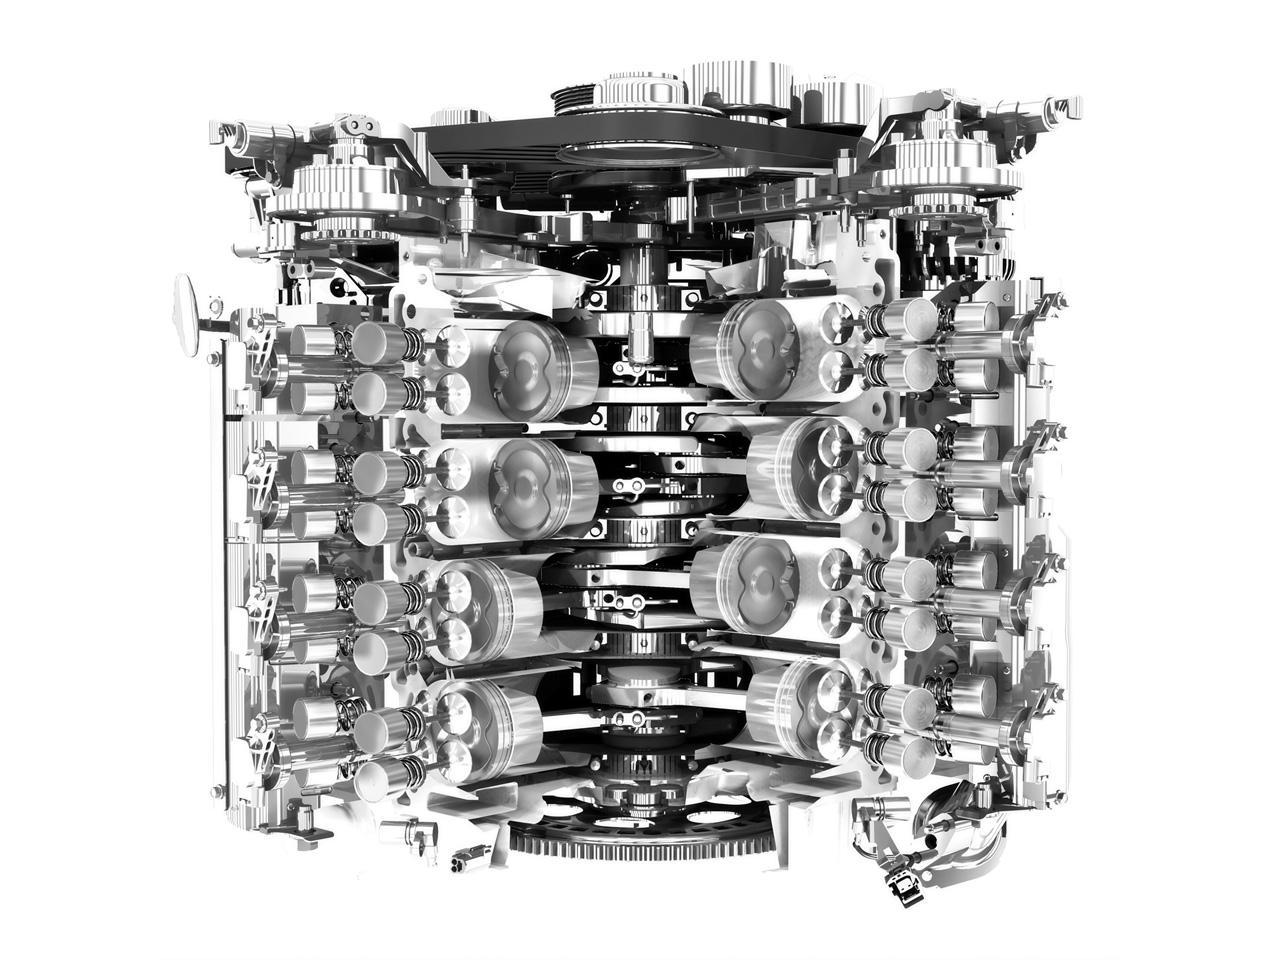 2009 jaguar xf - engine cutaway - 1280x960 - wallpaper